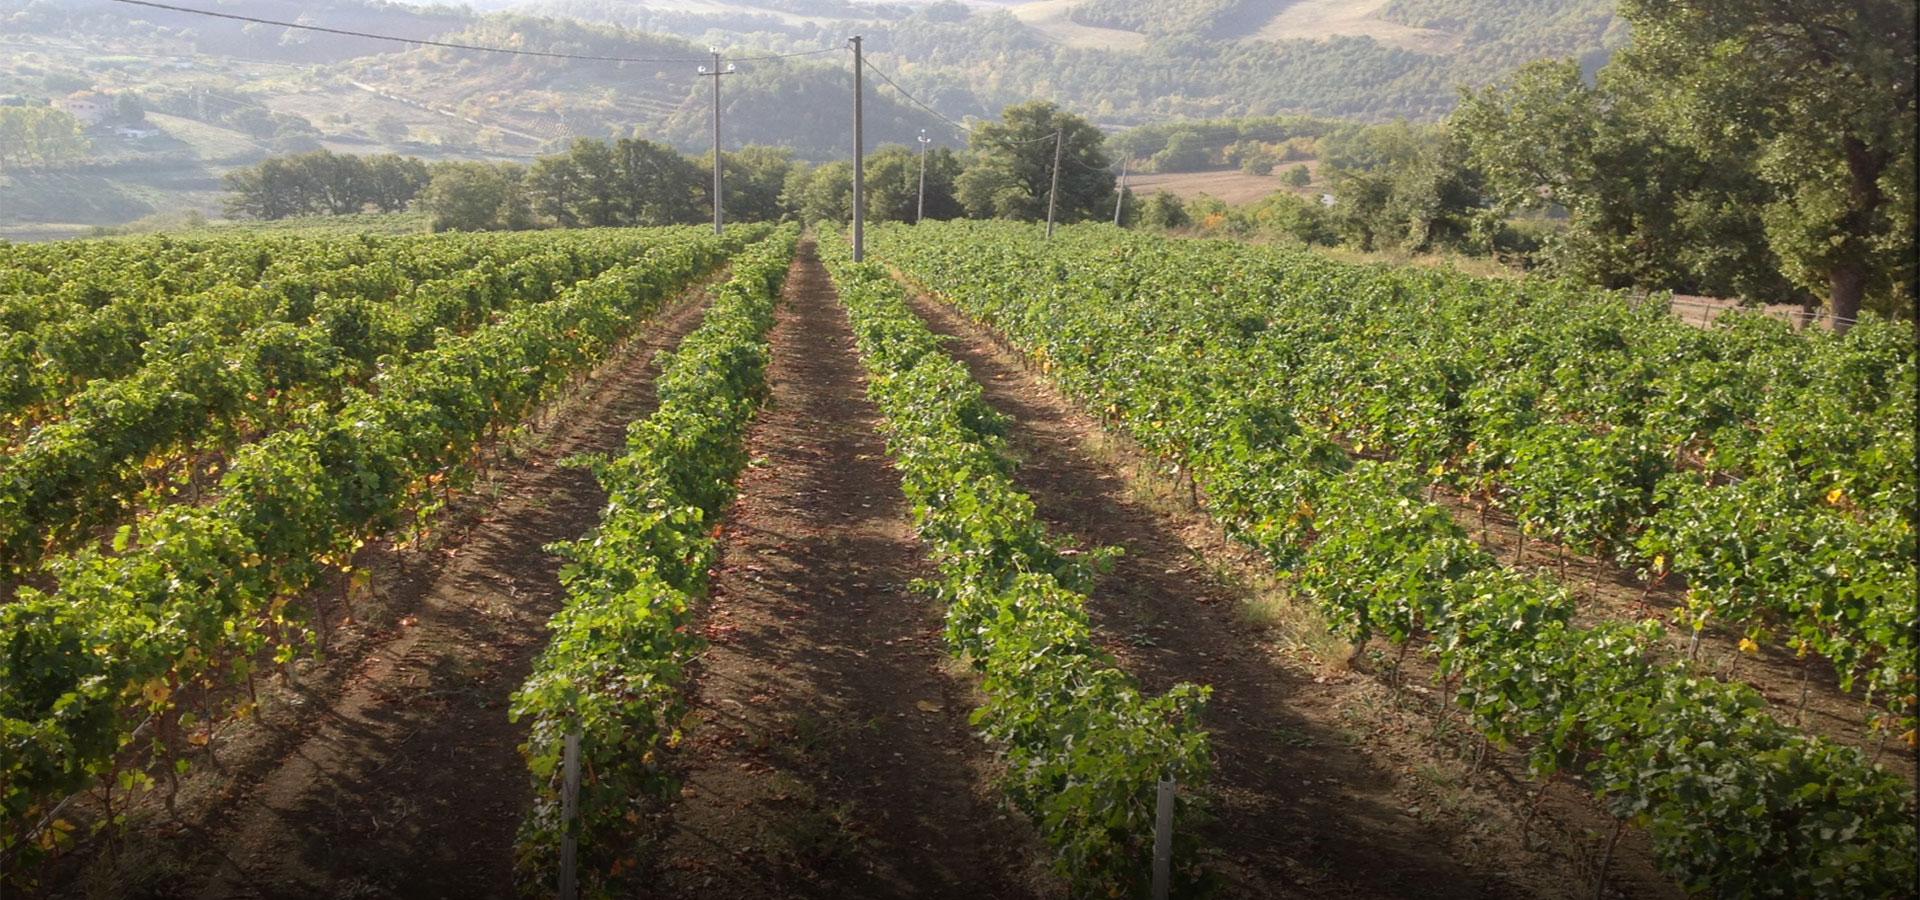 Le Alte Vigne